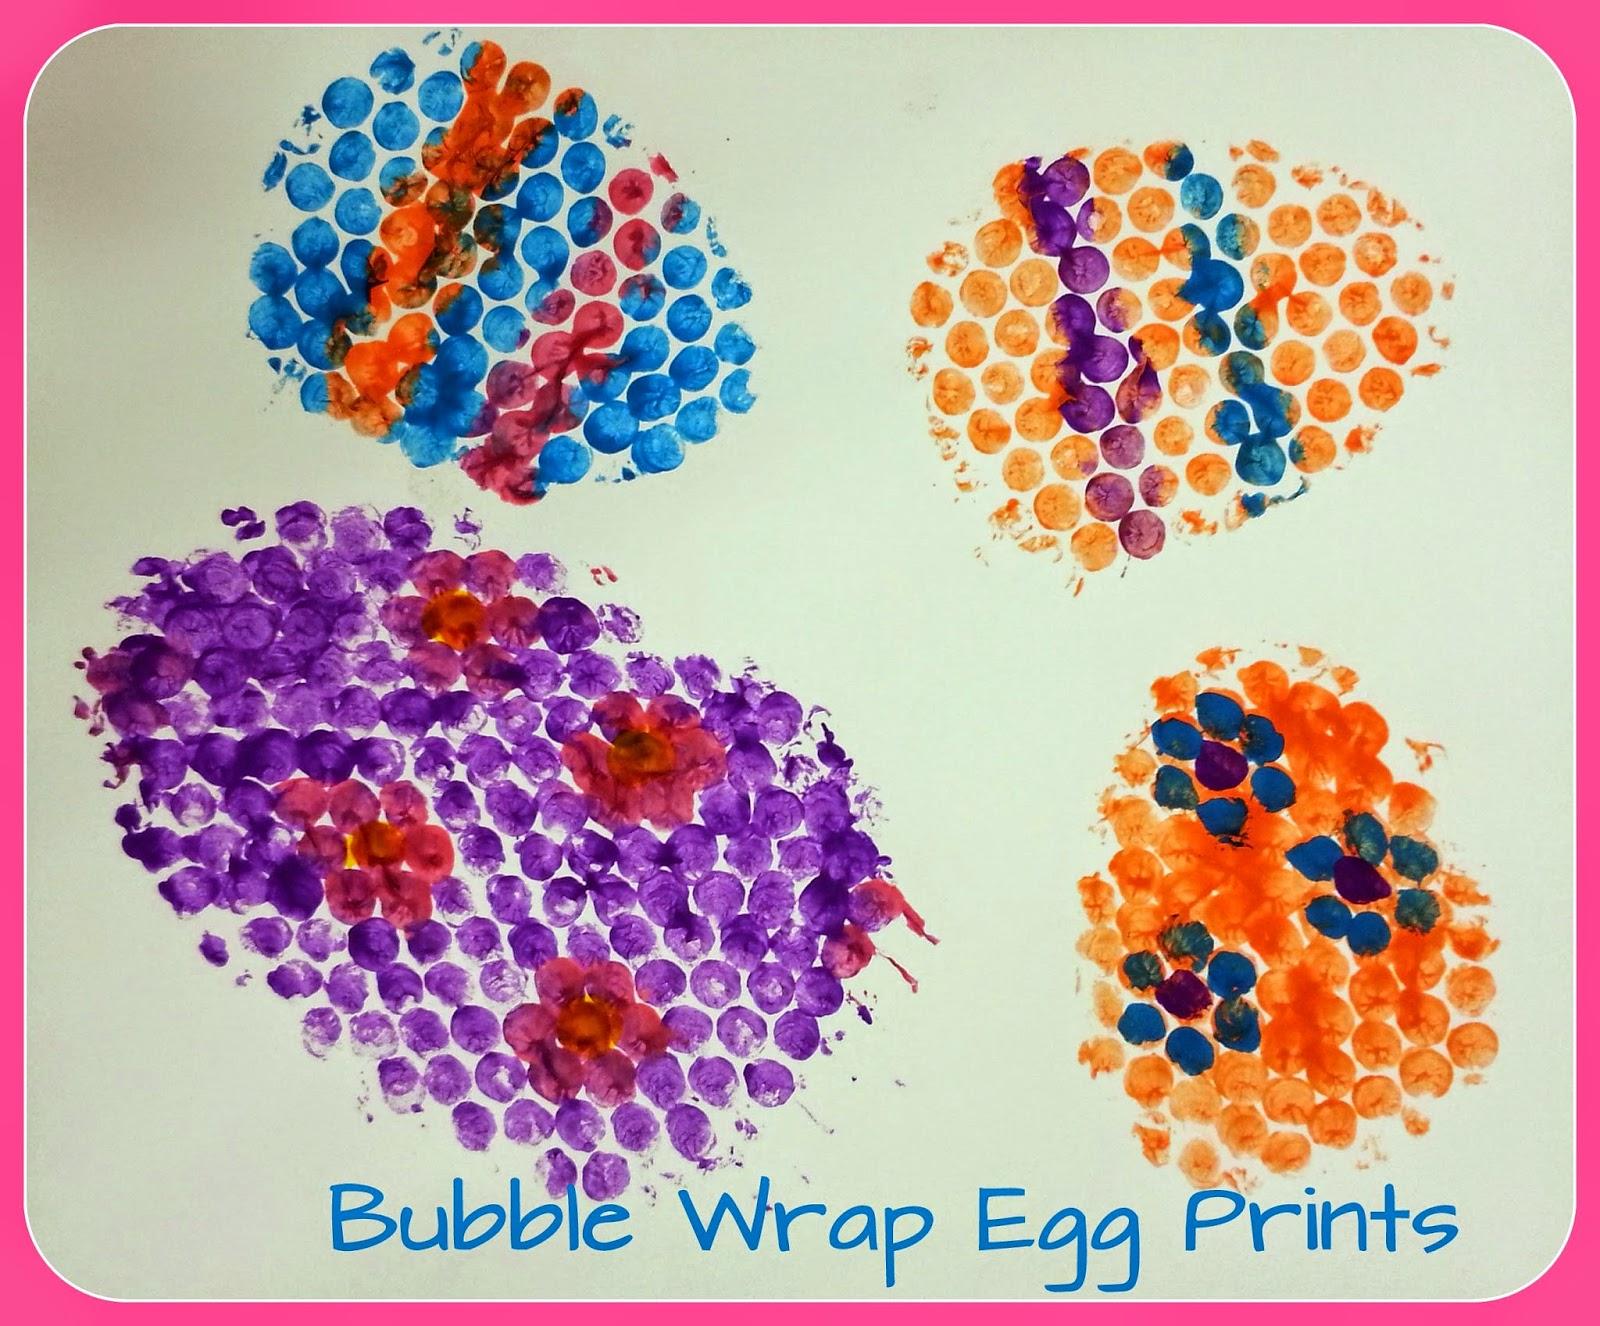 bubble wrap egg prints choices for children